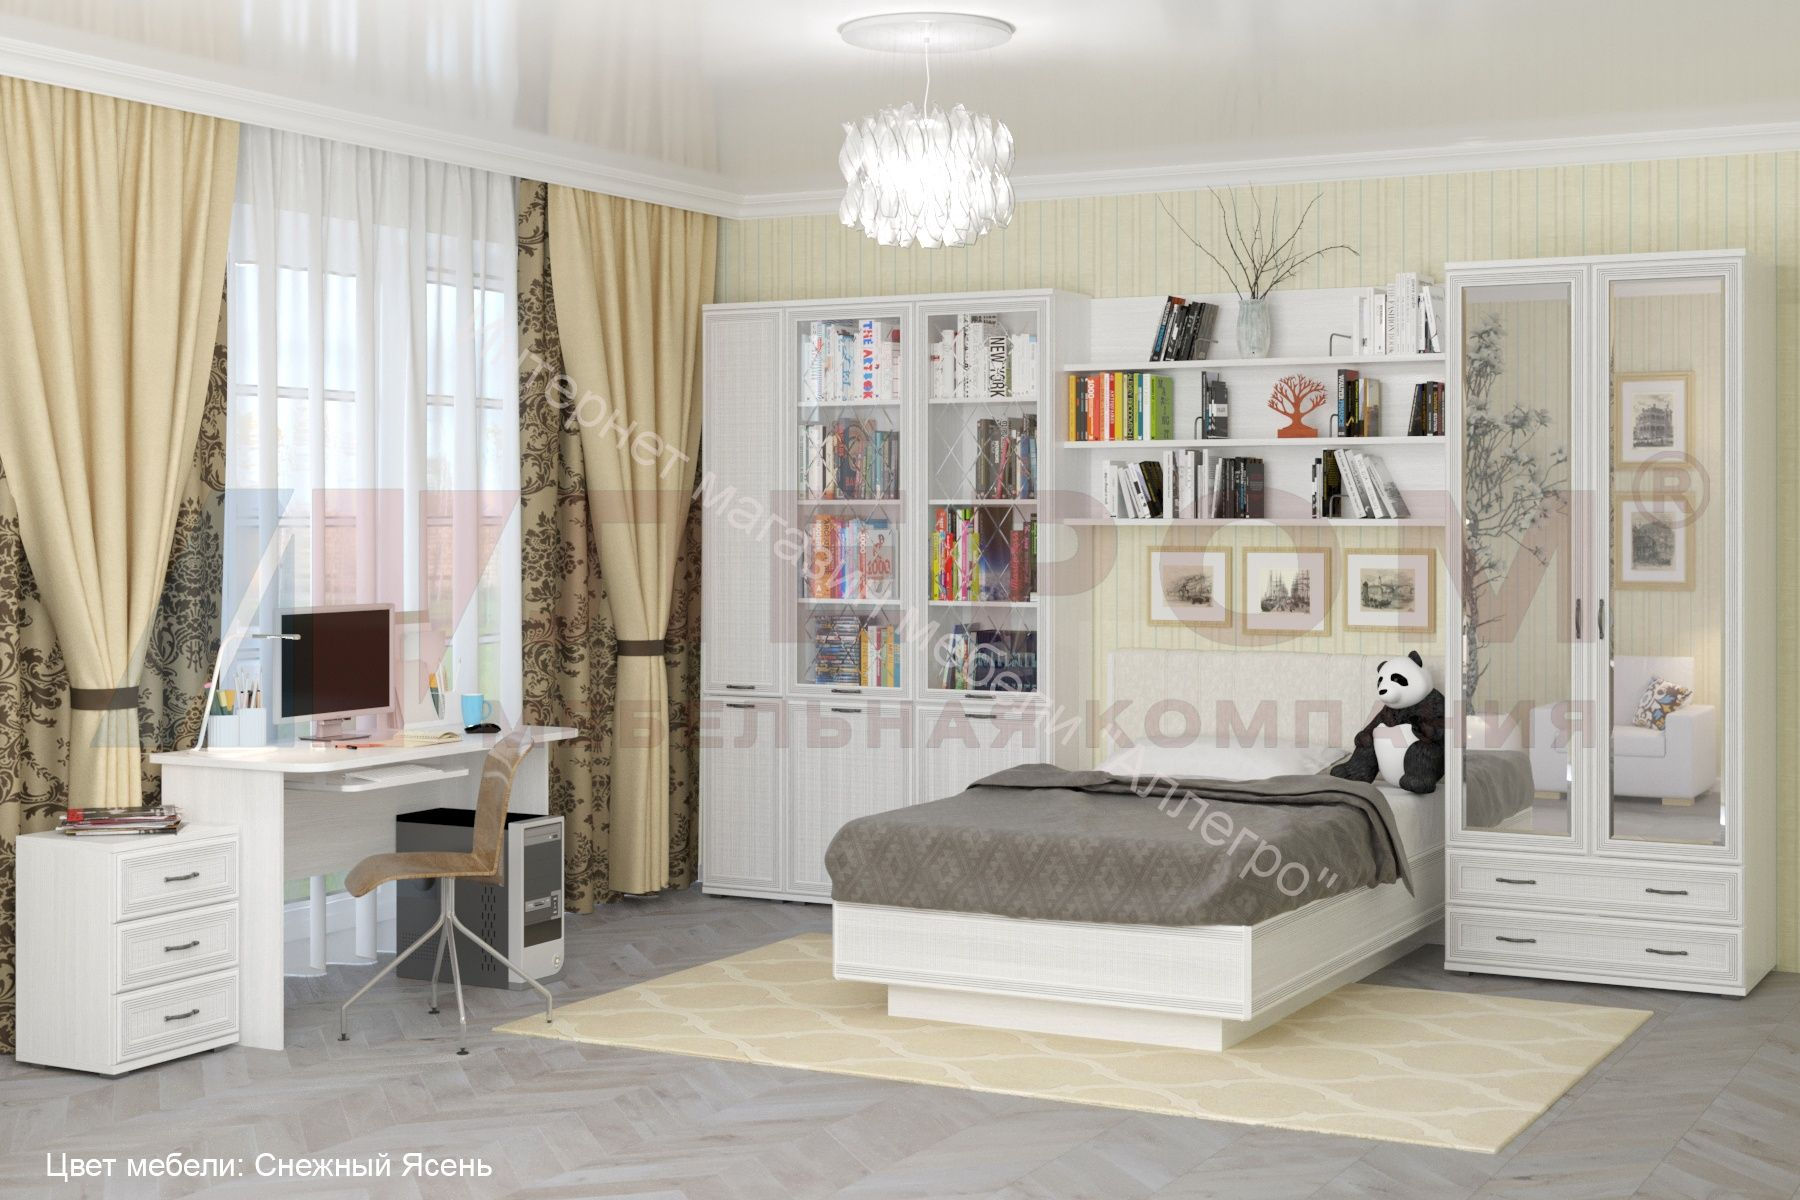 Шкаф ШК-1007 для одежды и белья Карина